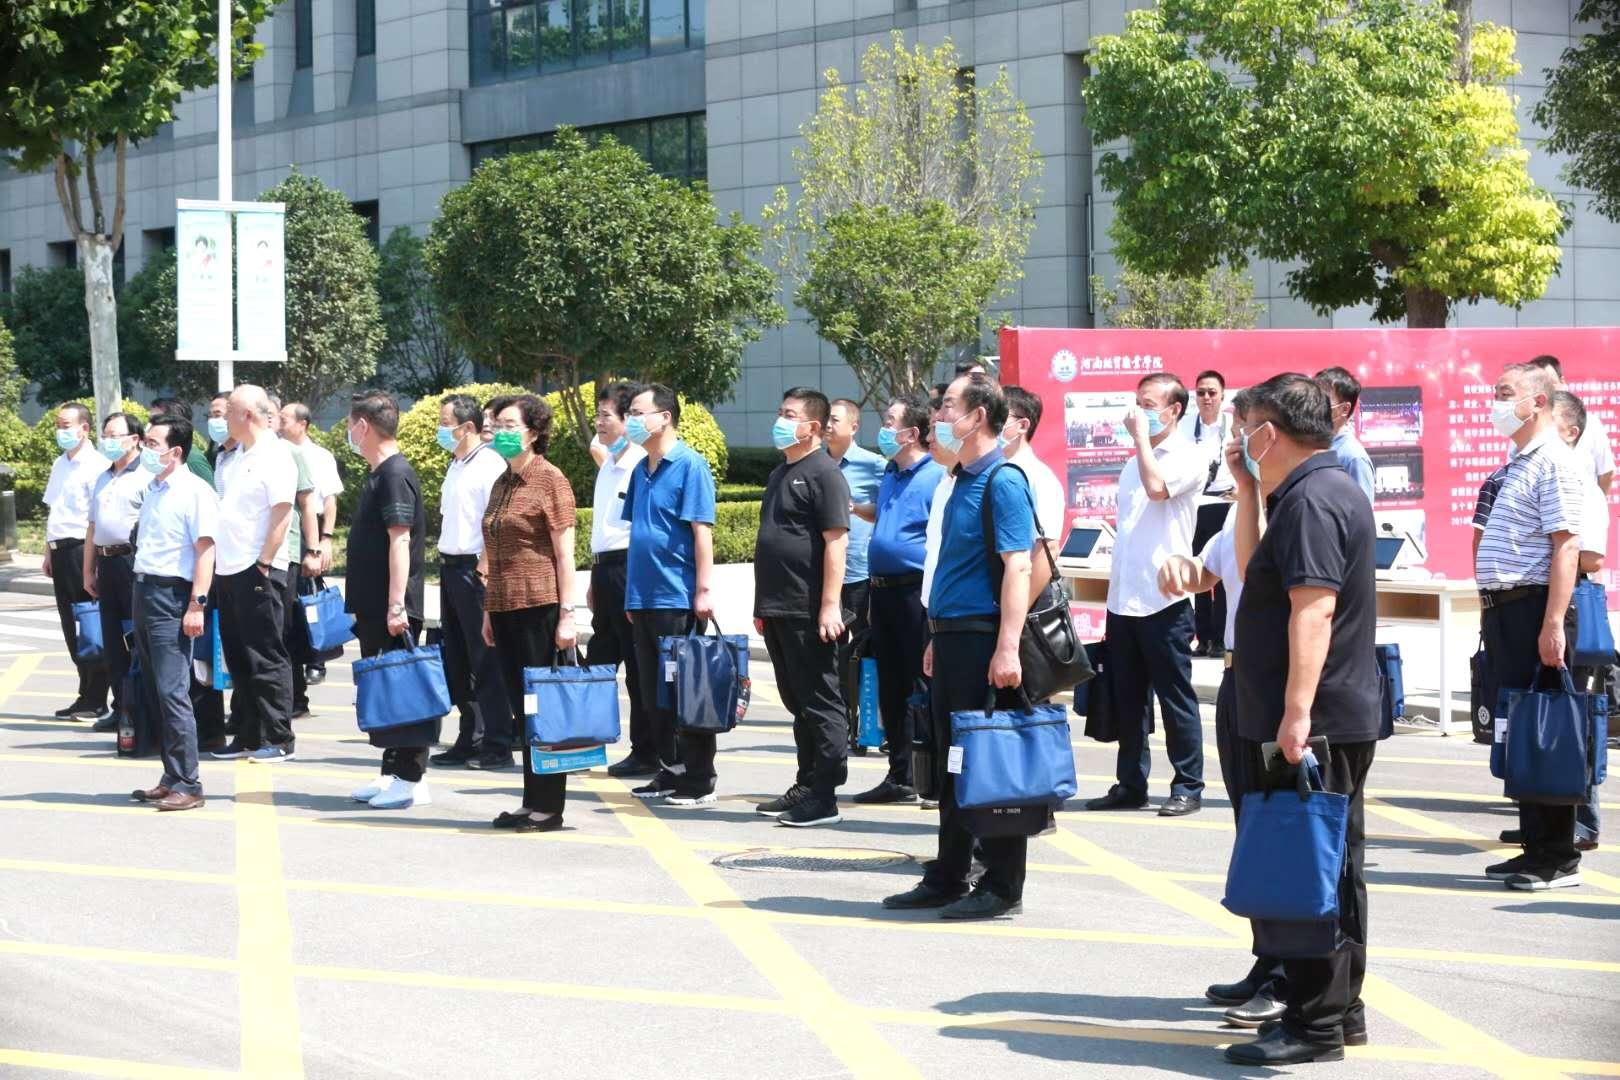 河南省教育厅组织94所高等职业院校主要领导干部莅临河南经贸职业学院观摩,无人智慧迎新引热议